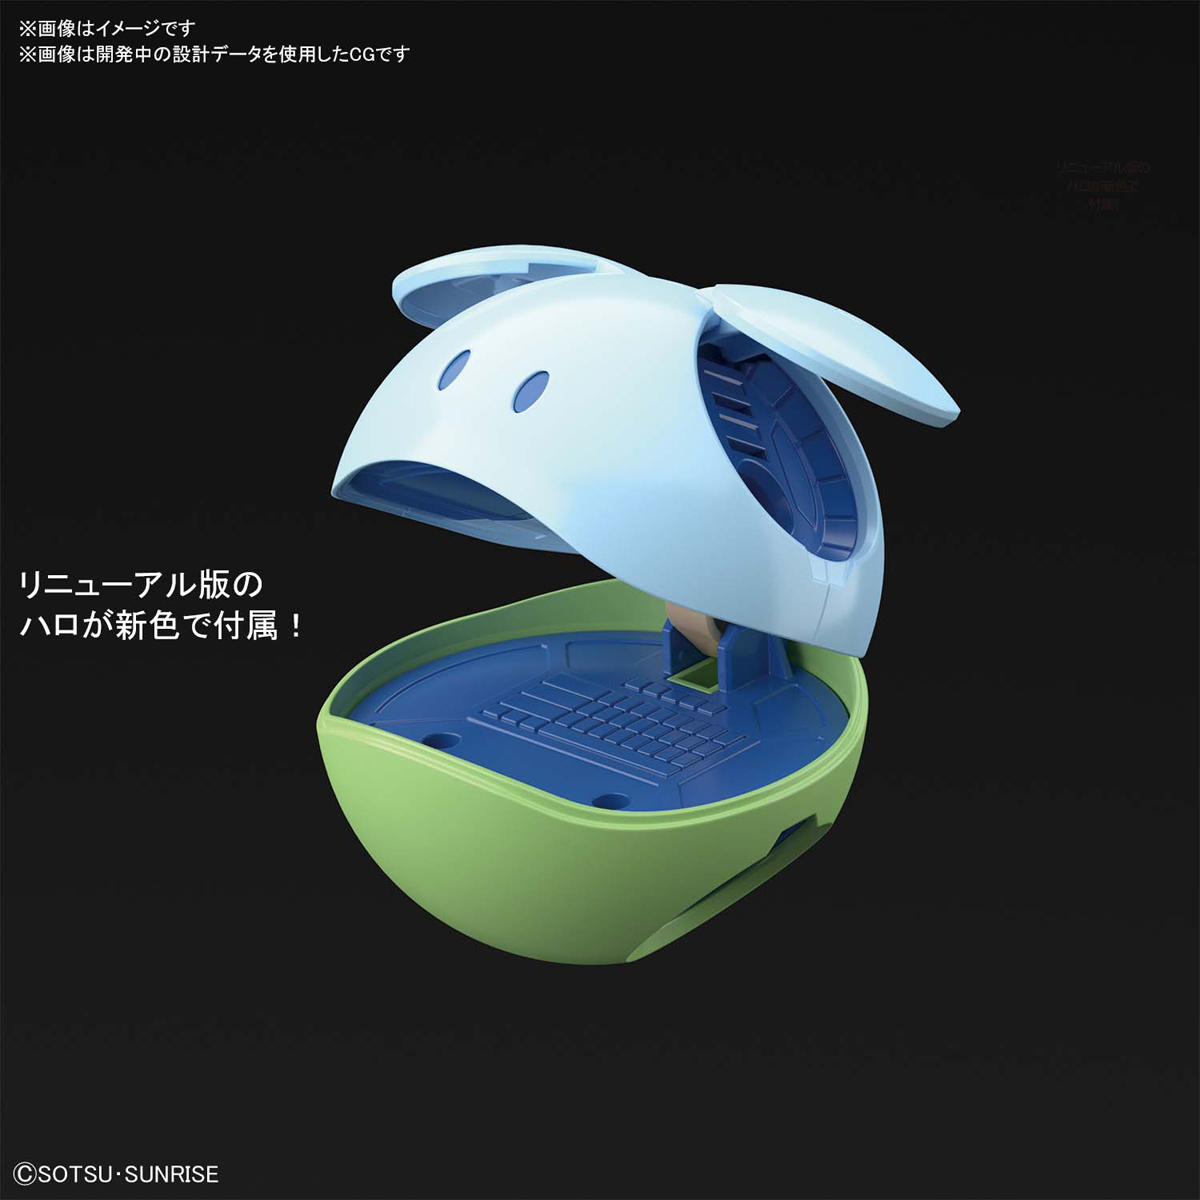 ハロプラ『ハロフィッター』プラモデル-005